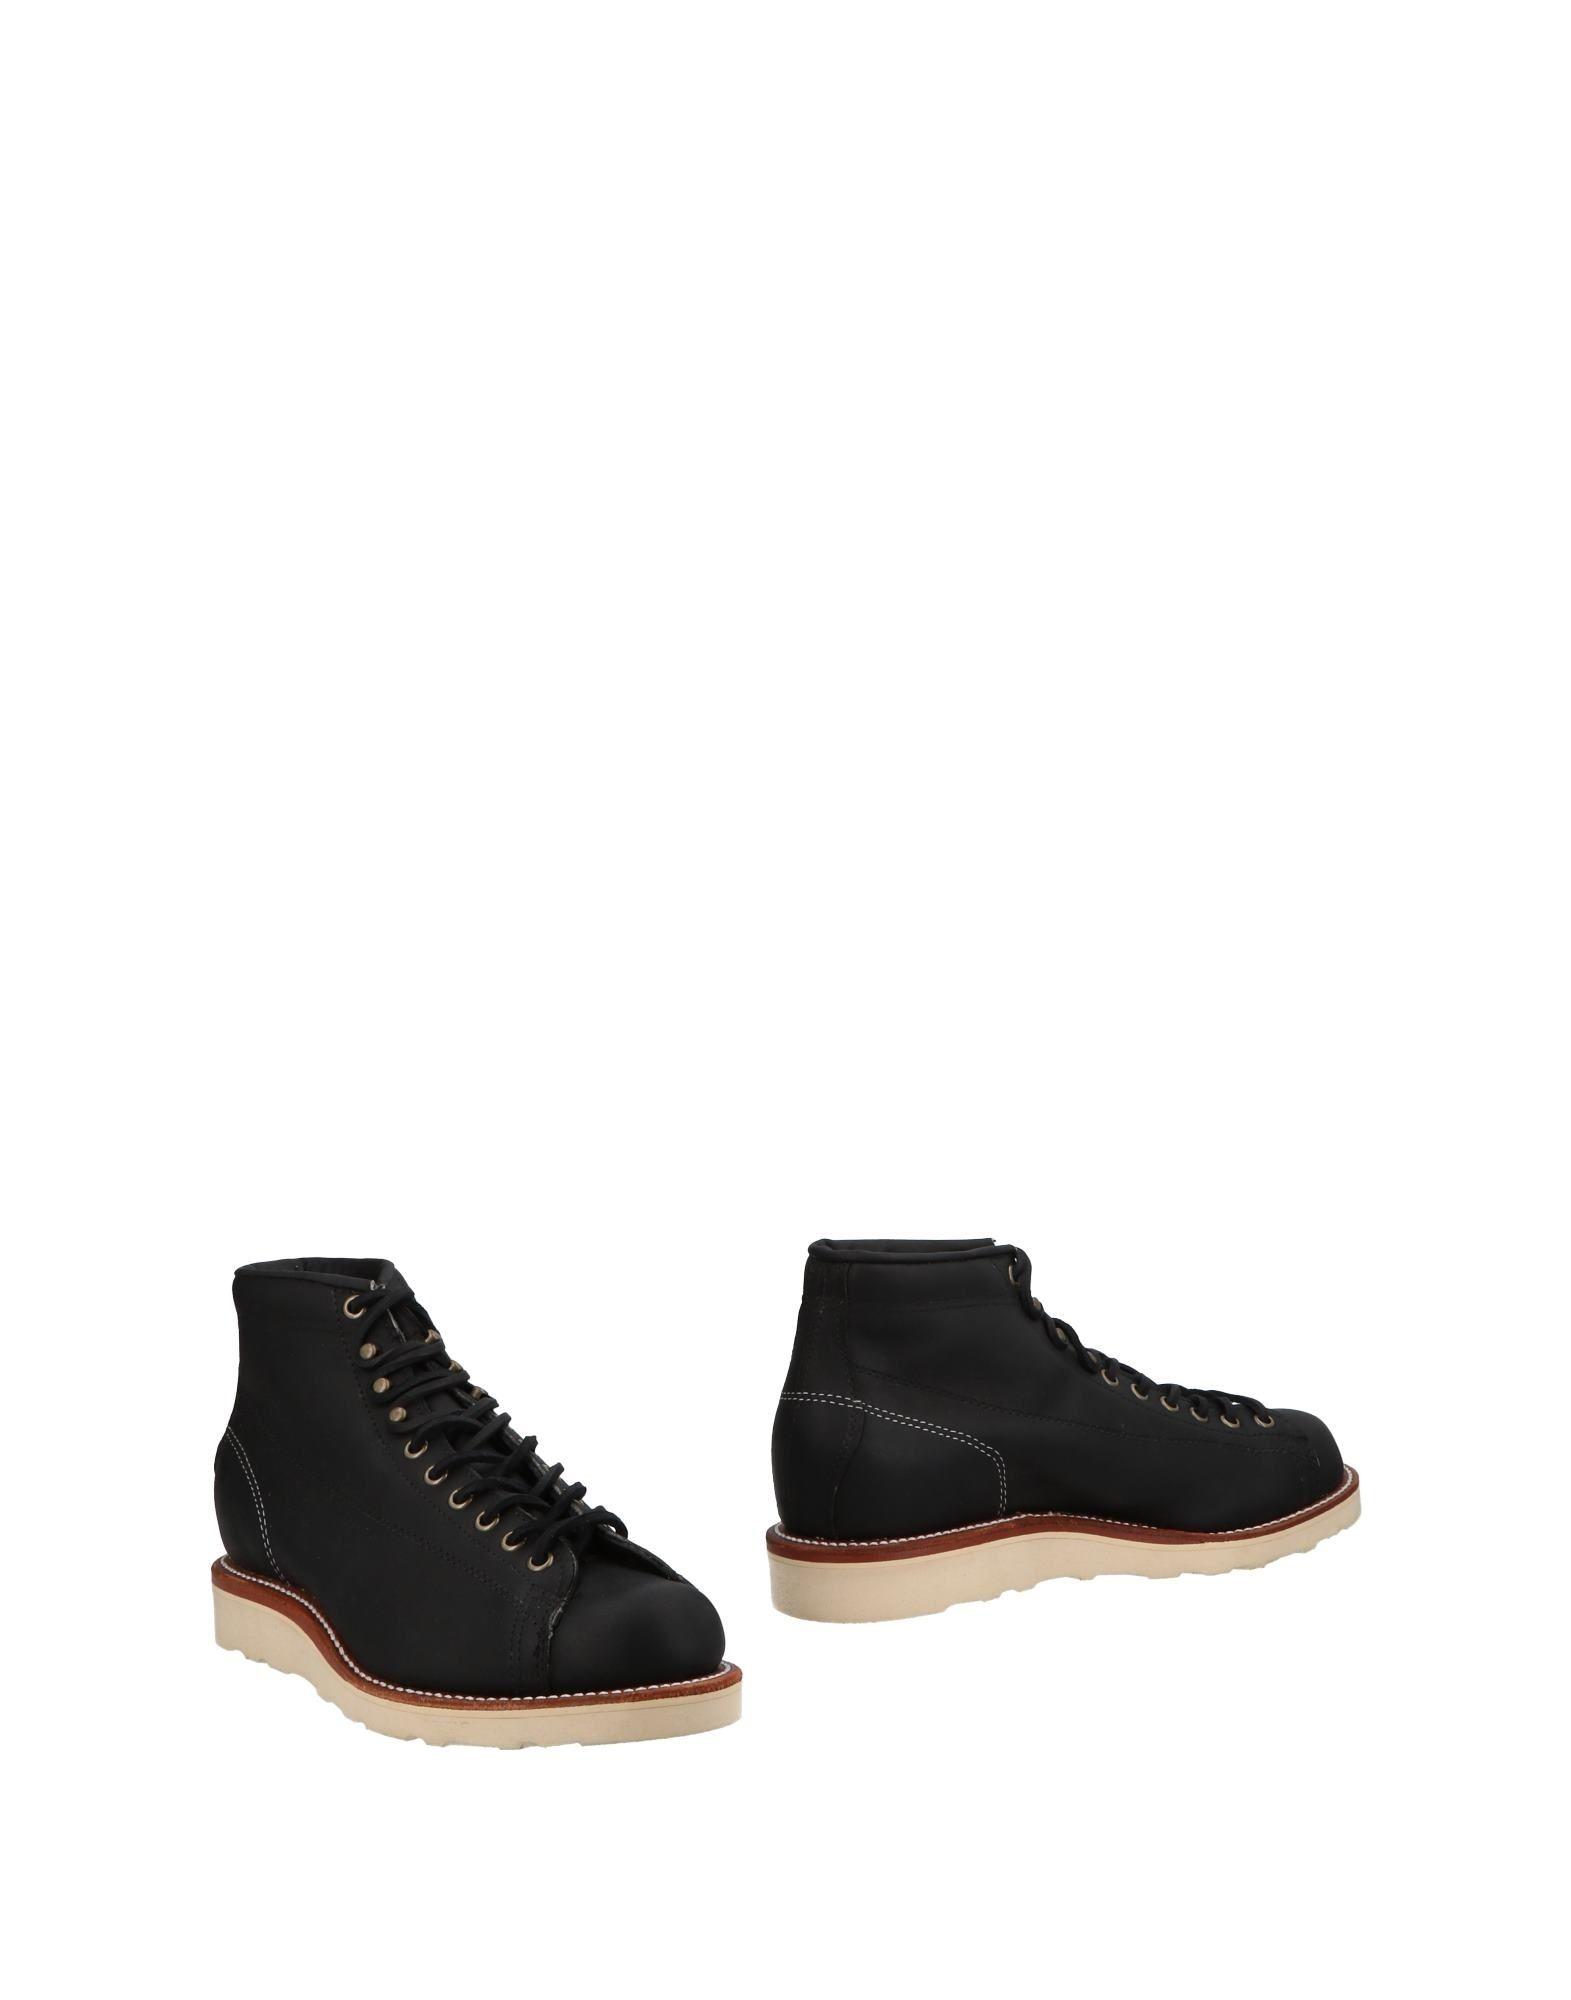 Chippewa Stiefelette Herren  11480116IG Gute Qualität beliebte Schuhe